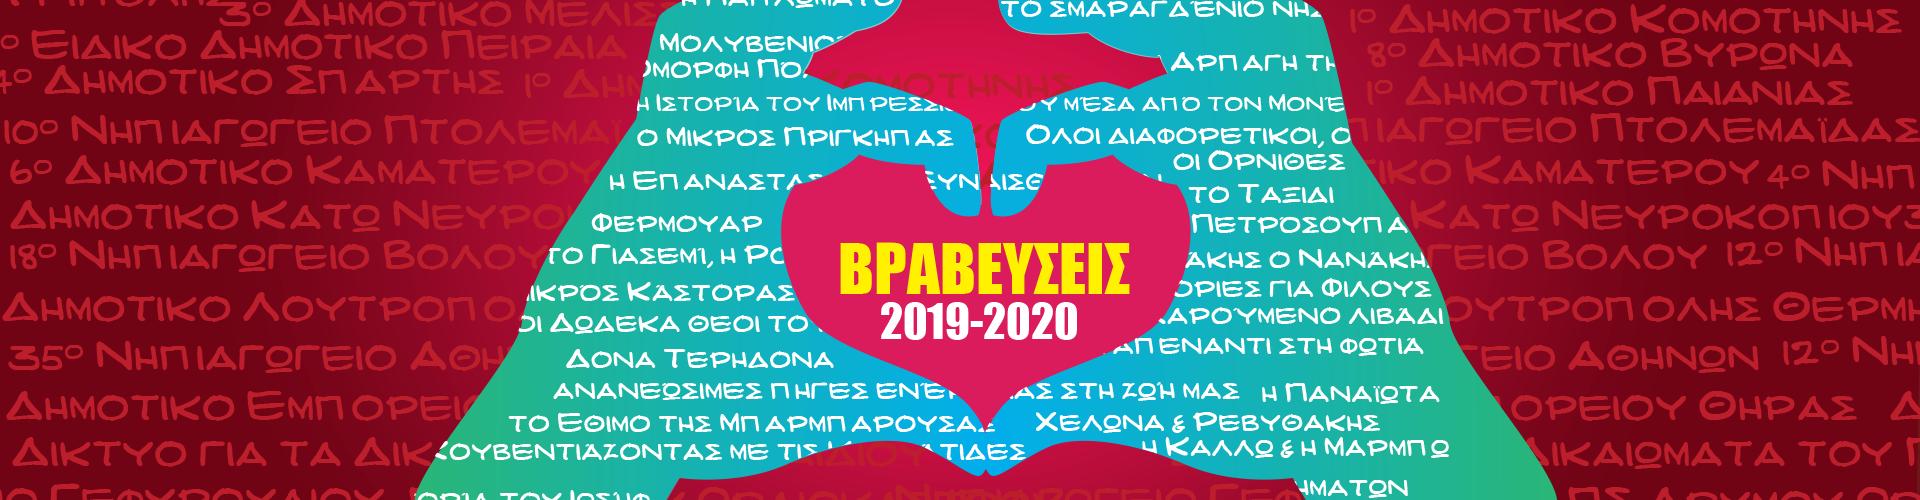 Βραβεύσεις 2019-2020